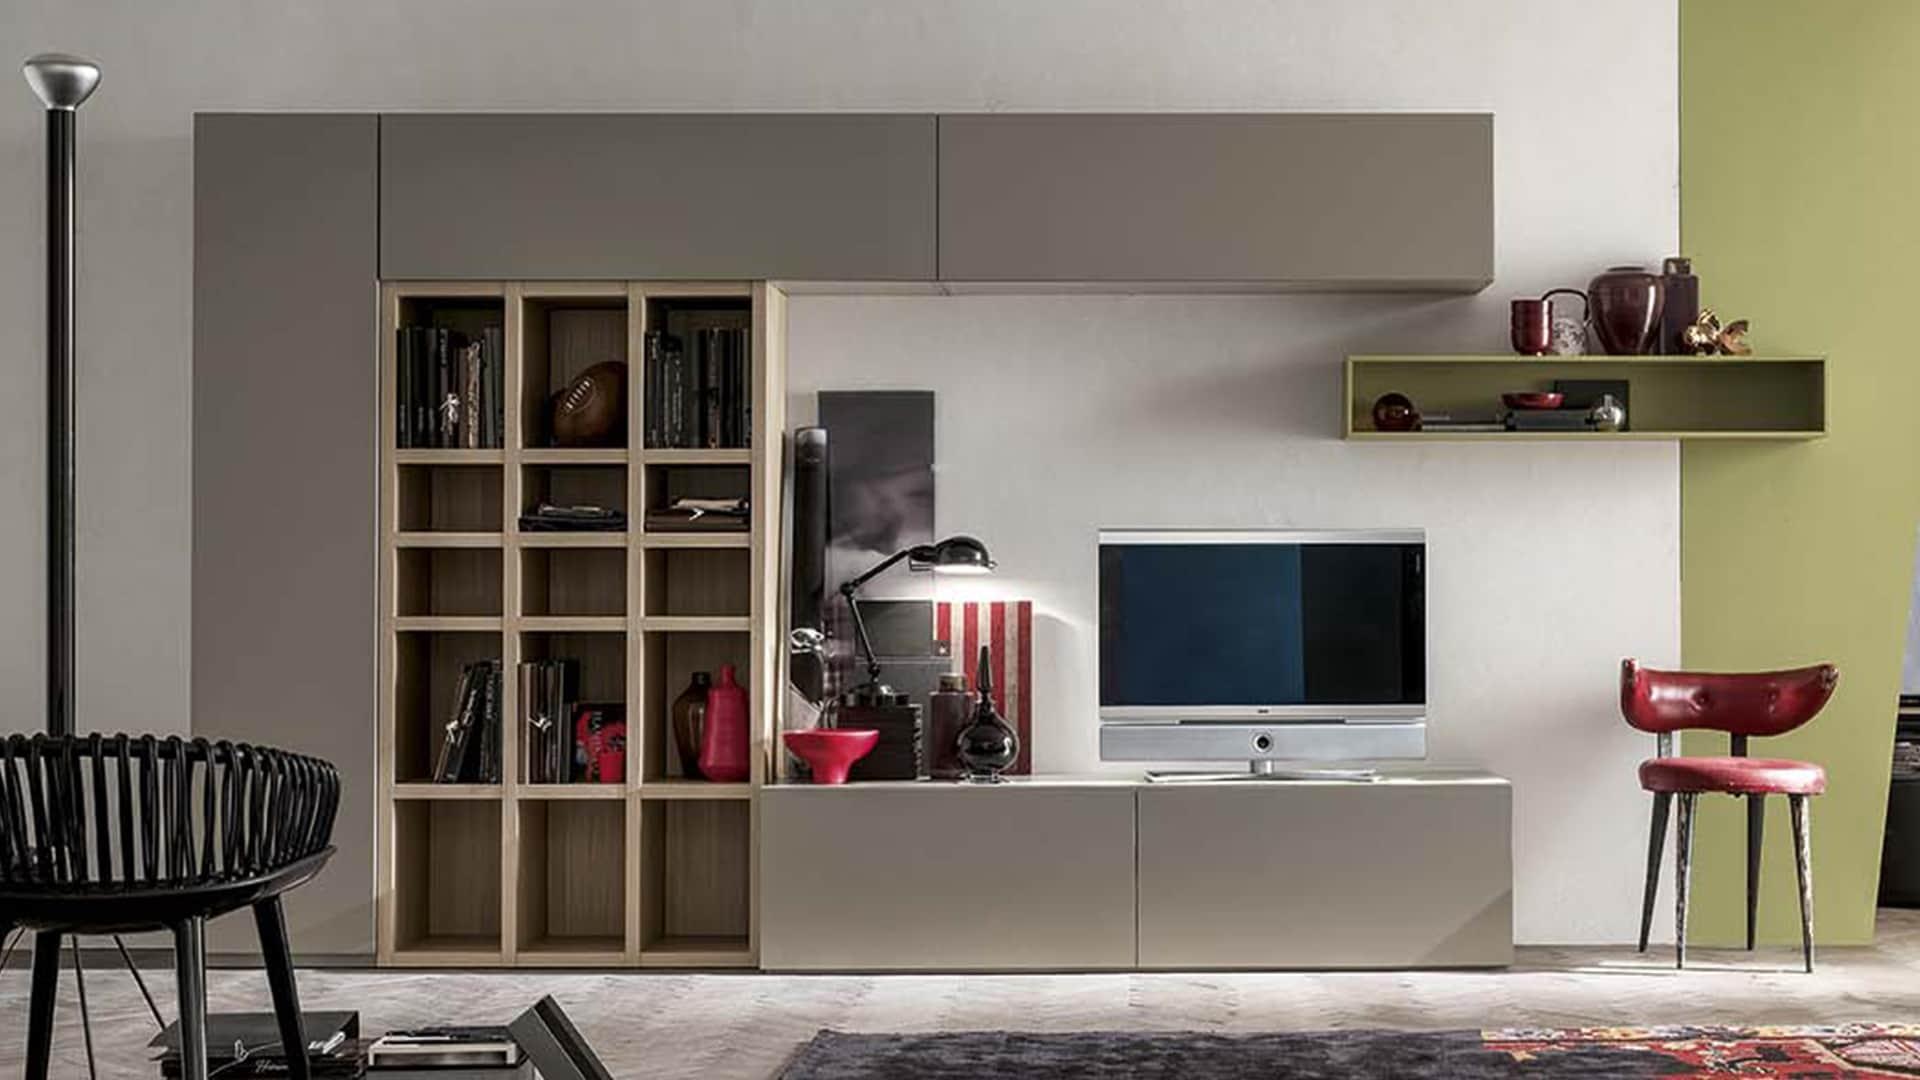 Vendita di mobili per soggiorno a padova mobili da for Saldi mobili 2016